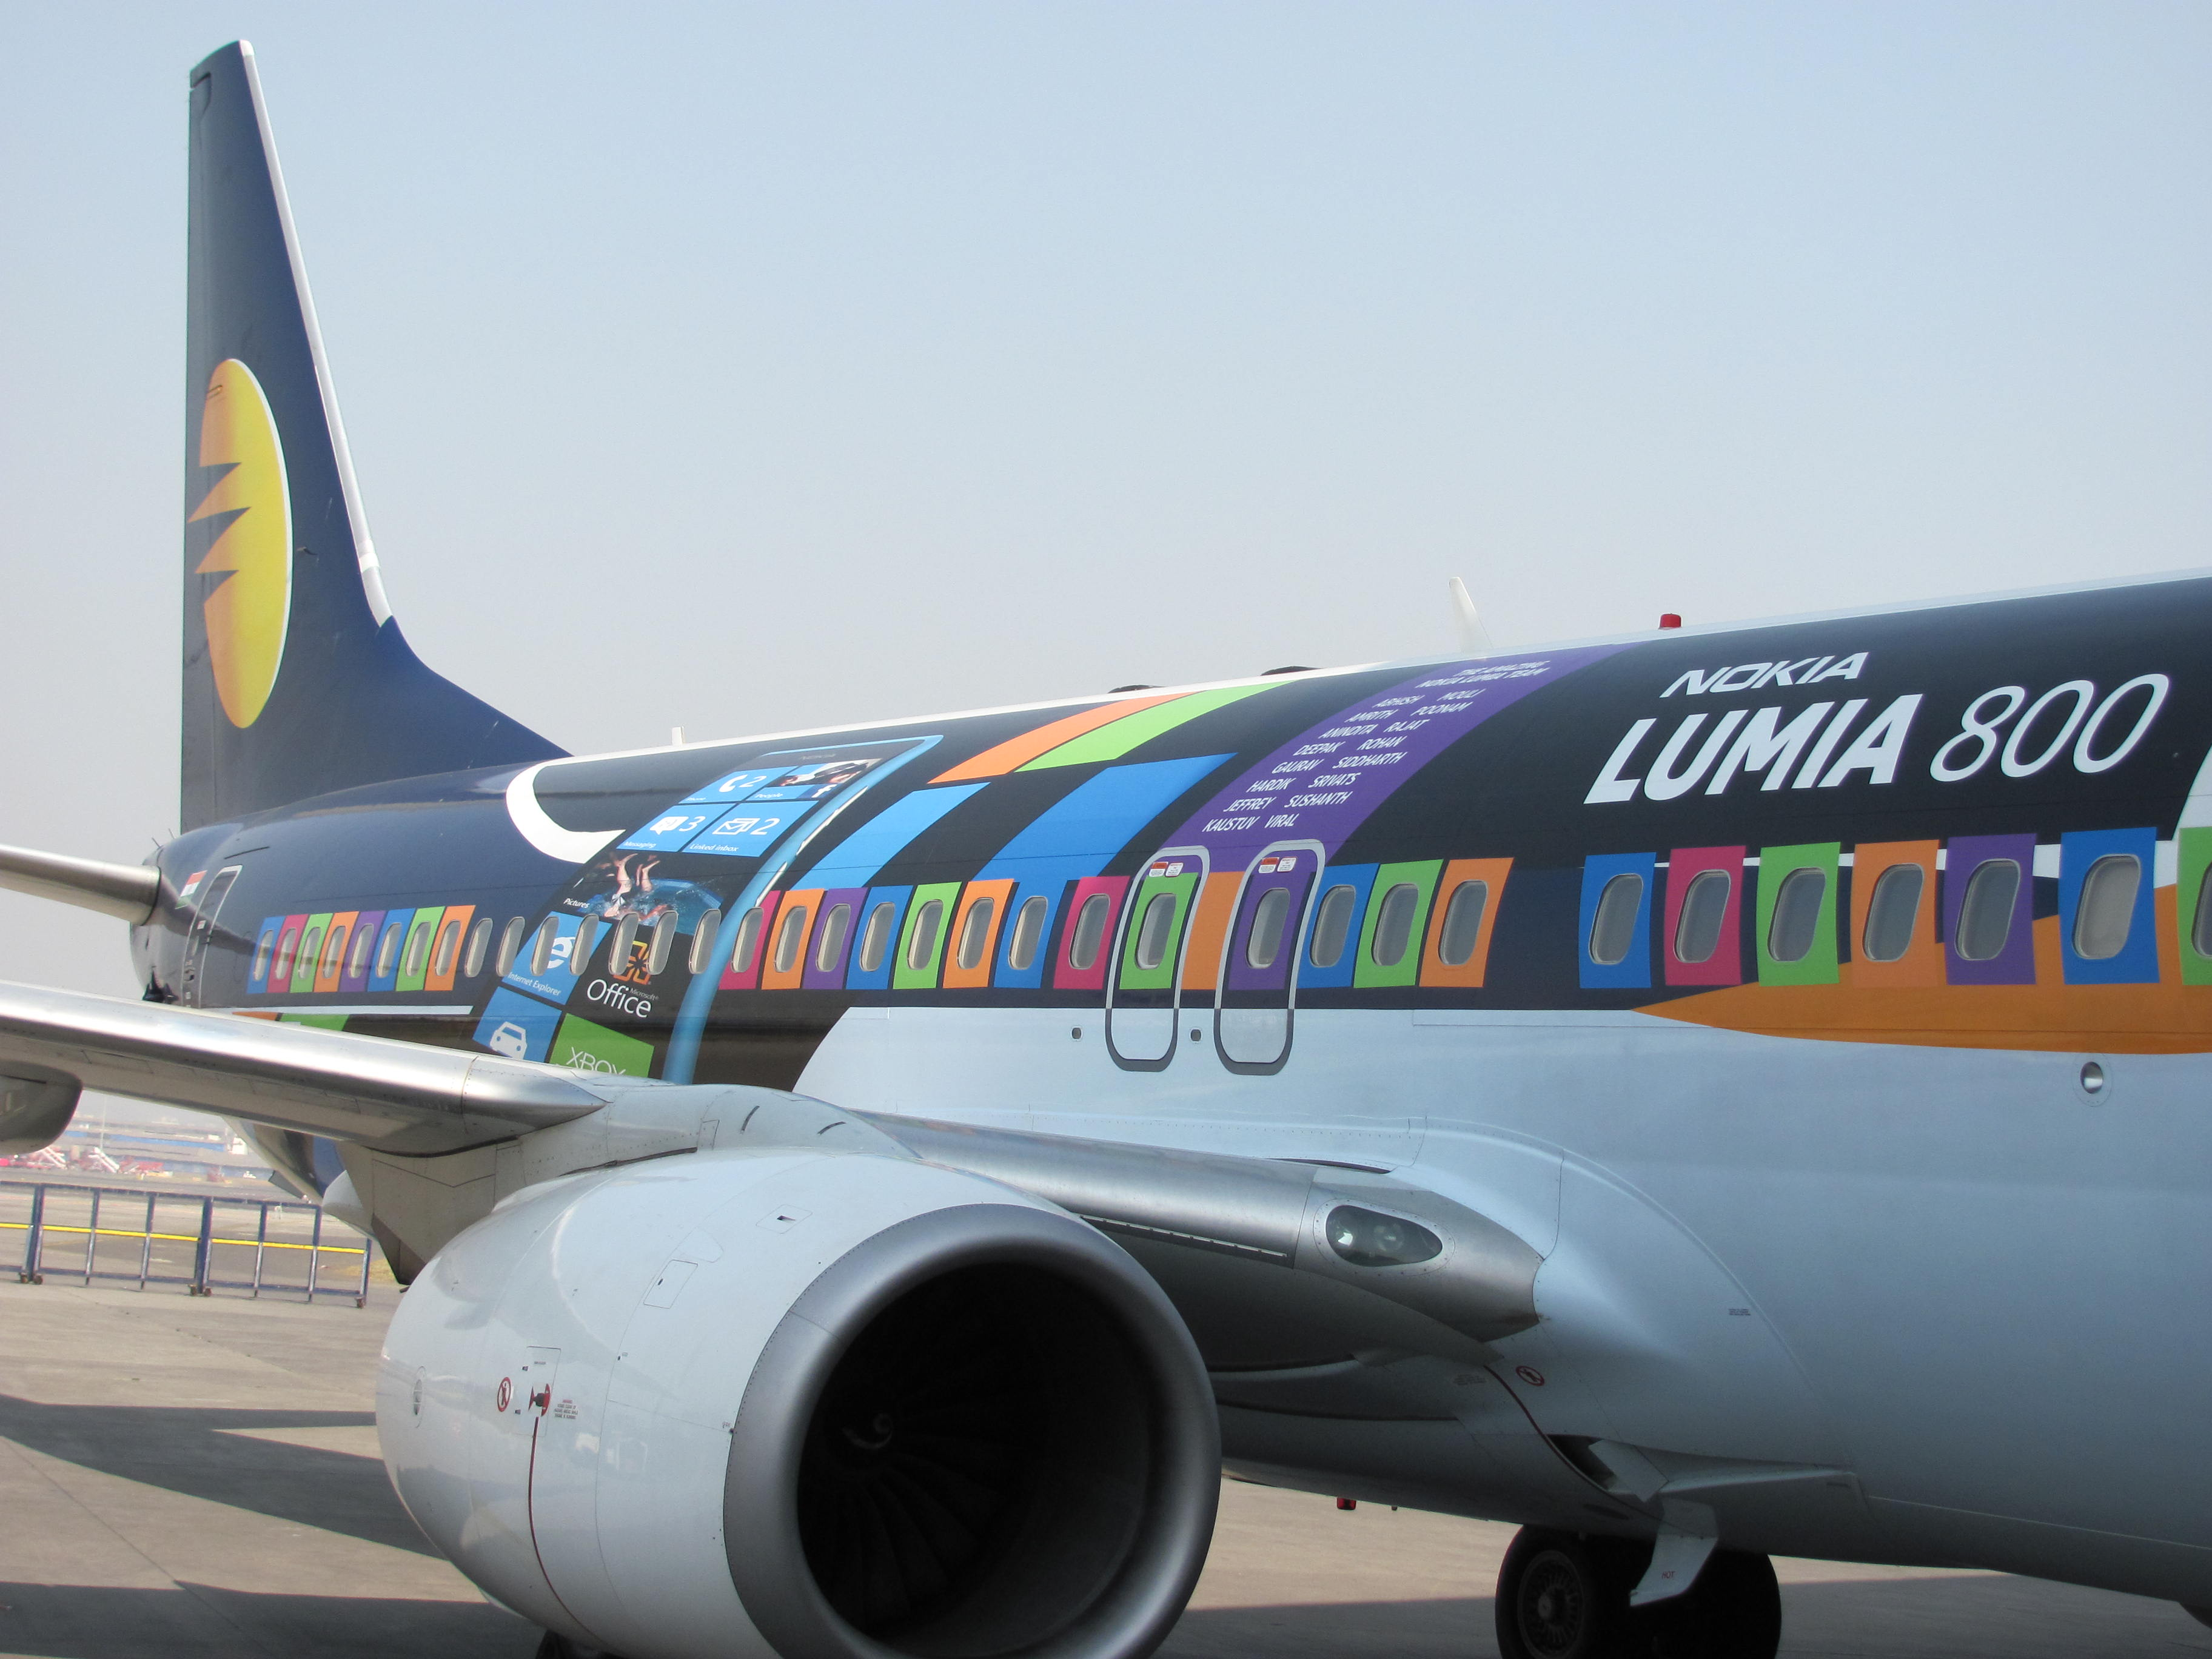 Jet Airways: Nokia Lumia 800